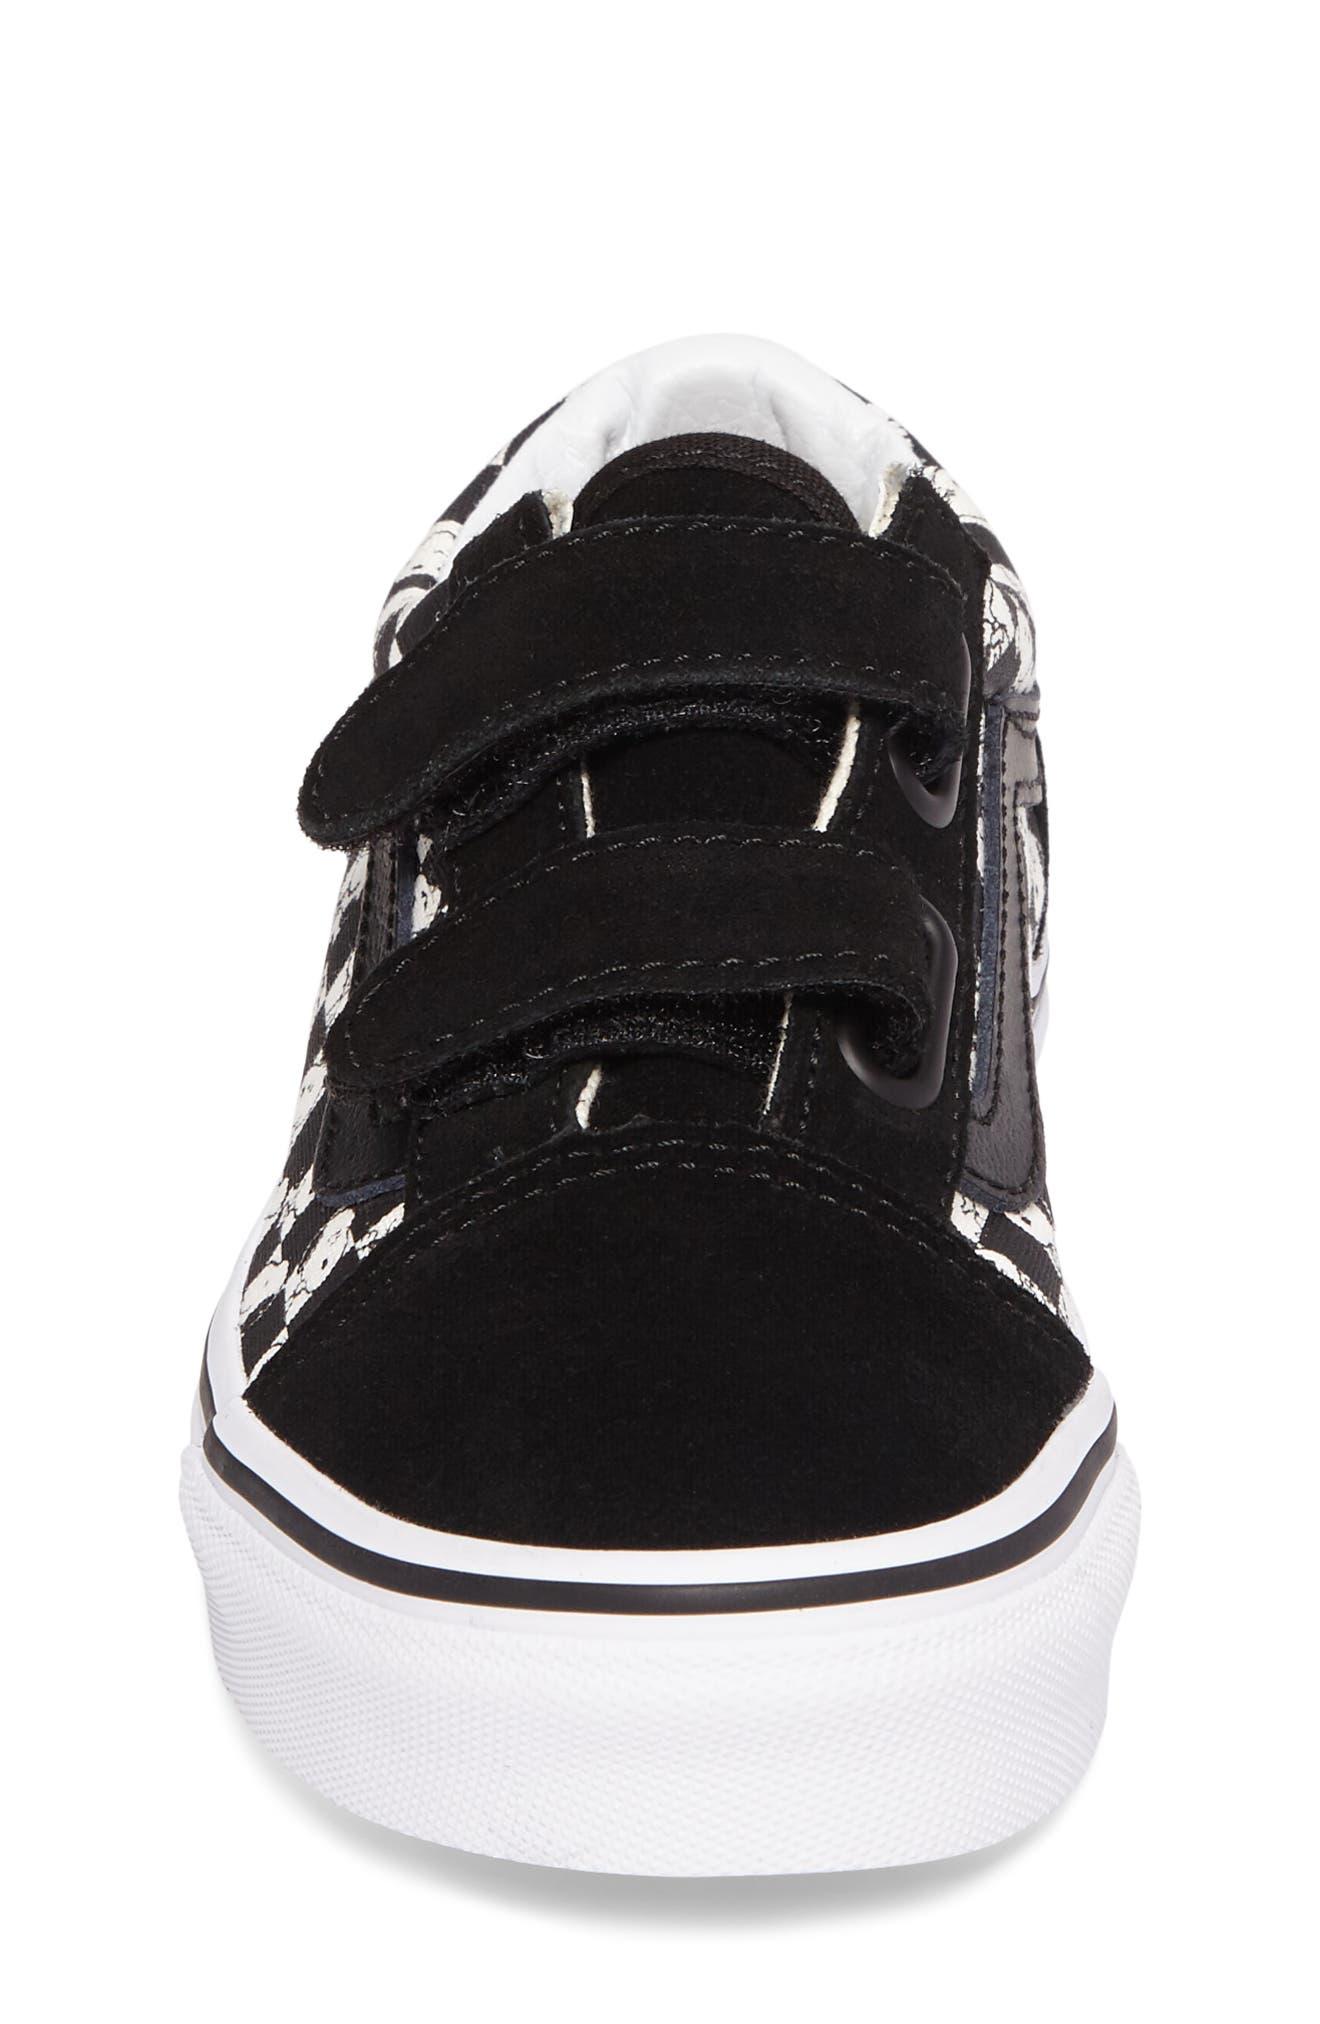 Alternate Image 4  - Vans x Peanuts Old Skool V Low Top Sneaker (Baby, Walker, Toddler, Little Kid & Big Kid)